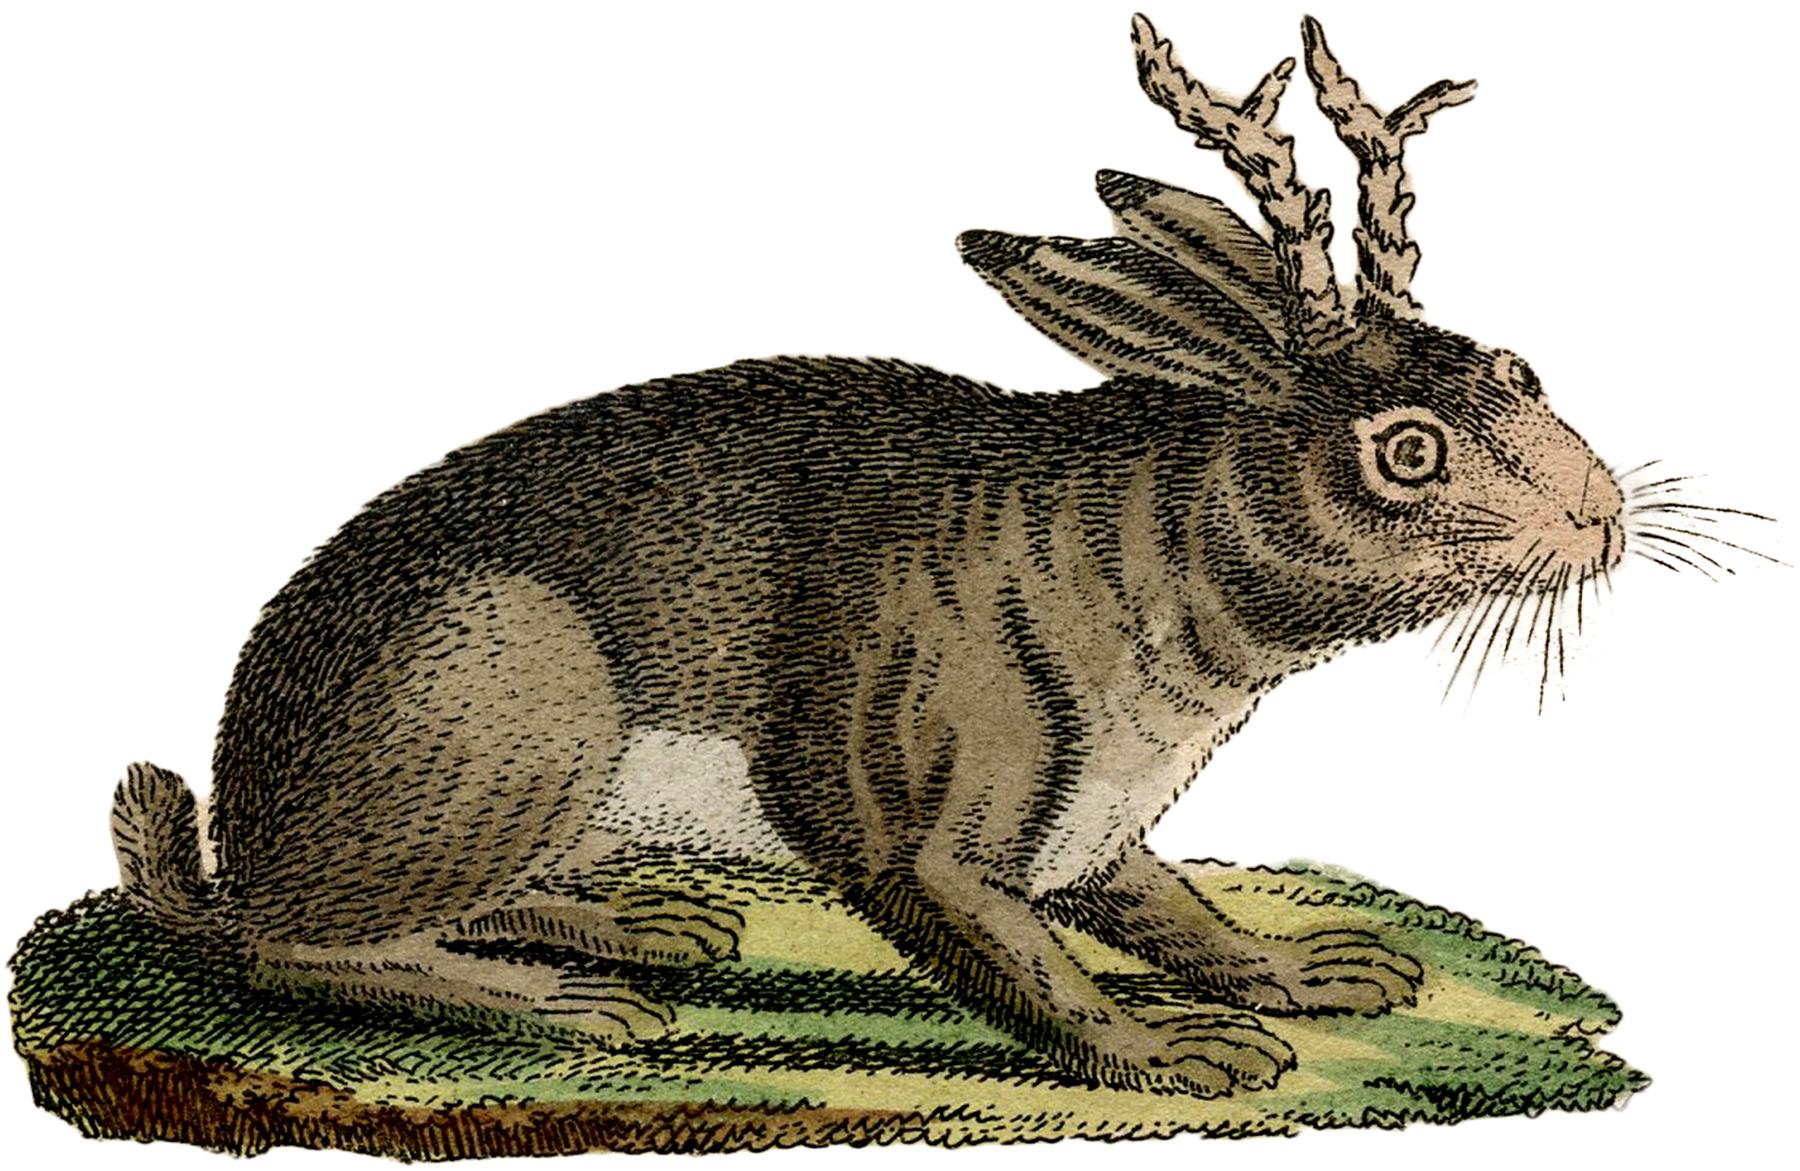 Free Vintage Clip Art - White Rabbit - Alice in Wonderland